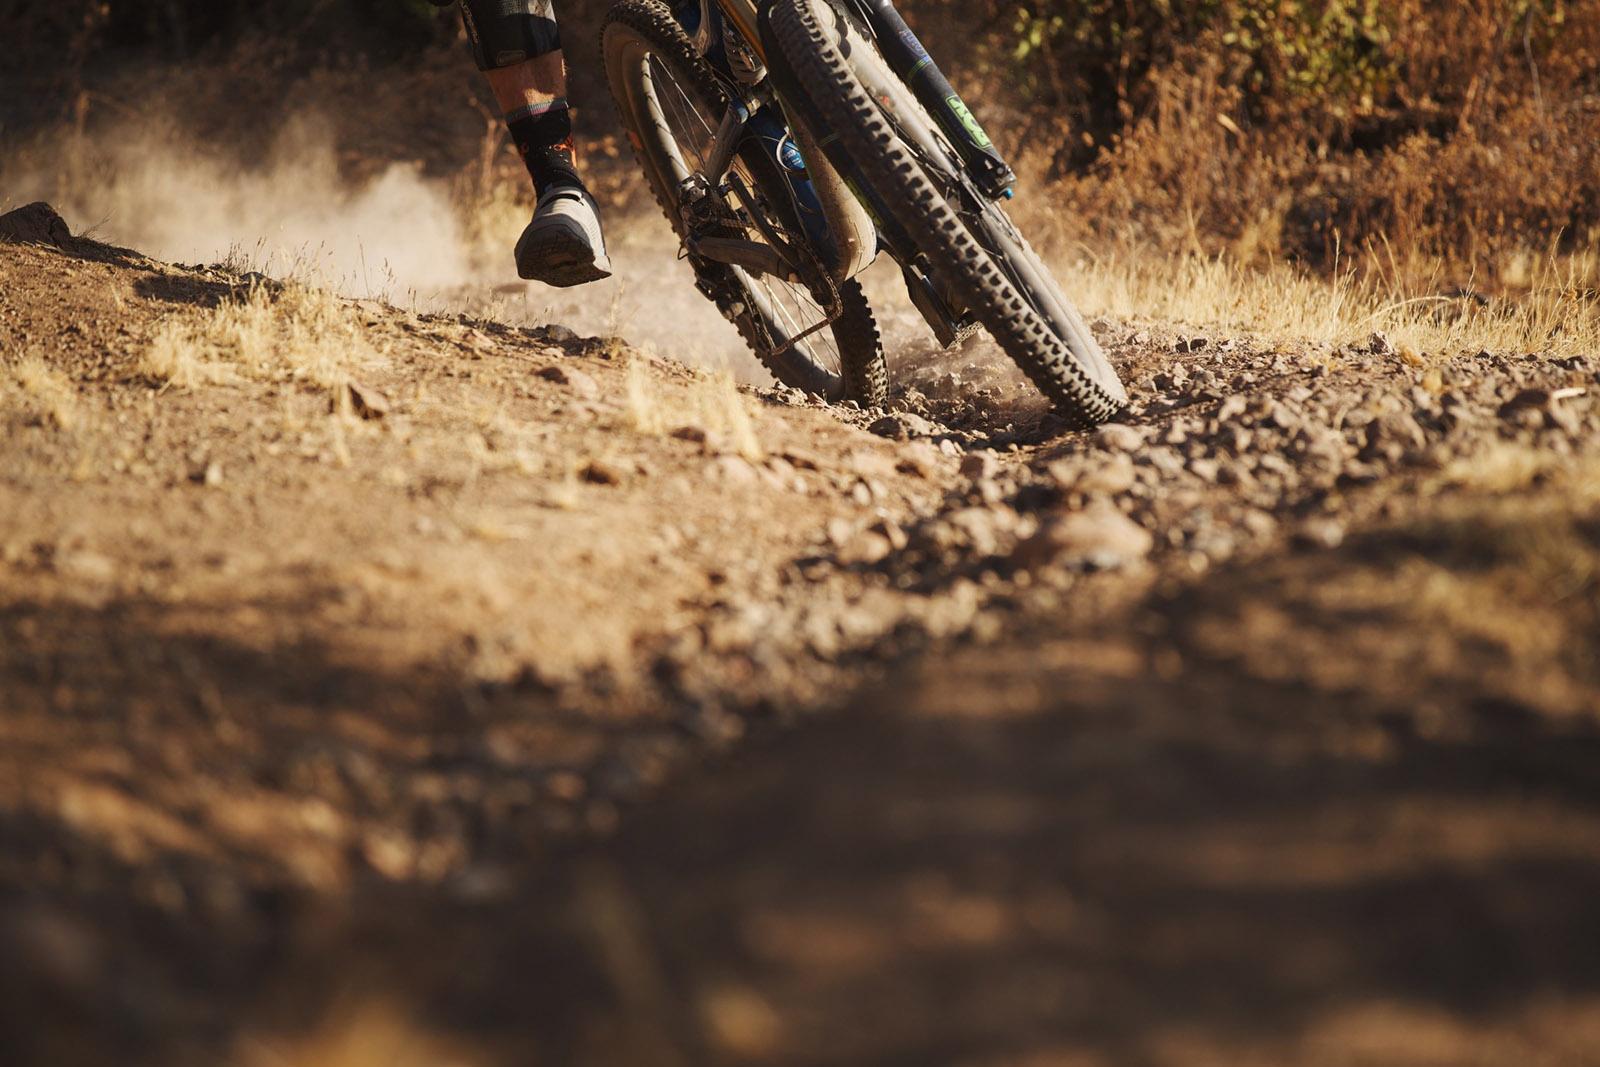 Santa Cruz Bicycles - Drifting the Antigrip at Andes Pacifico Enduro